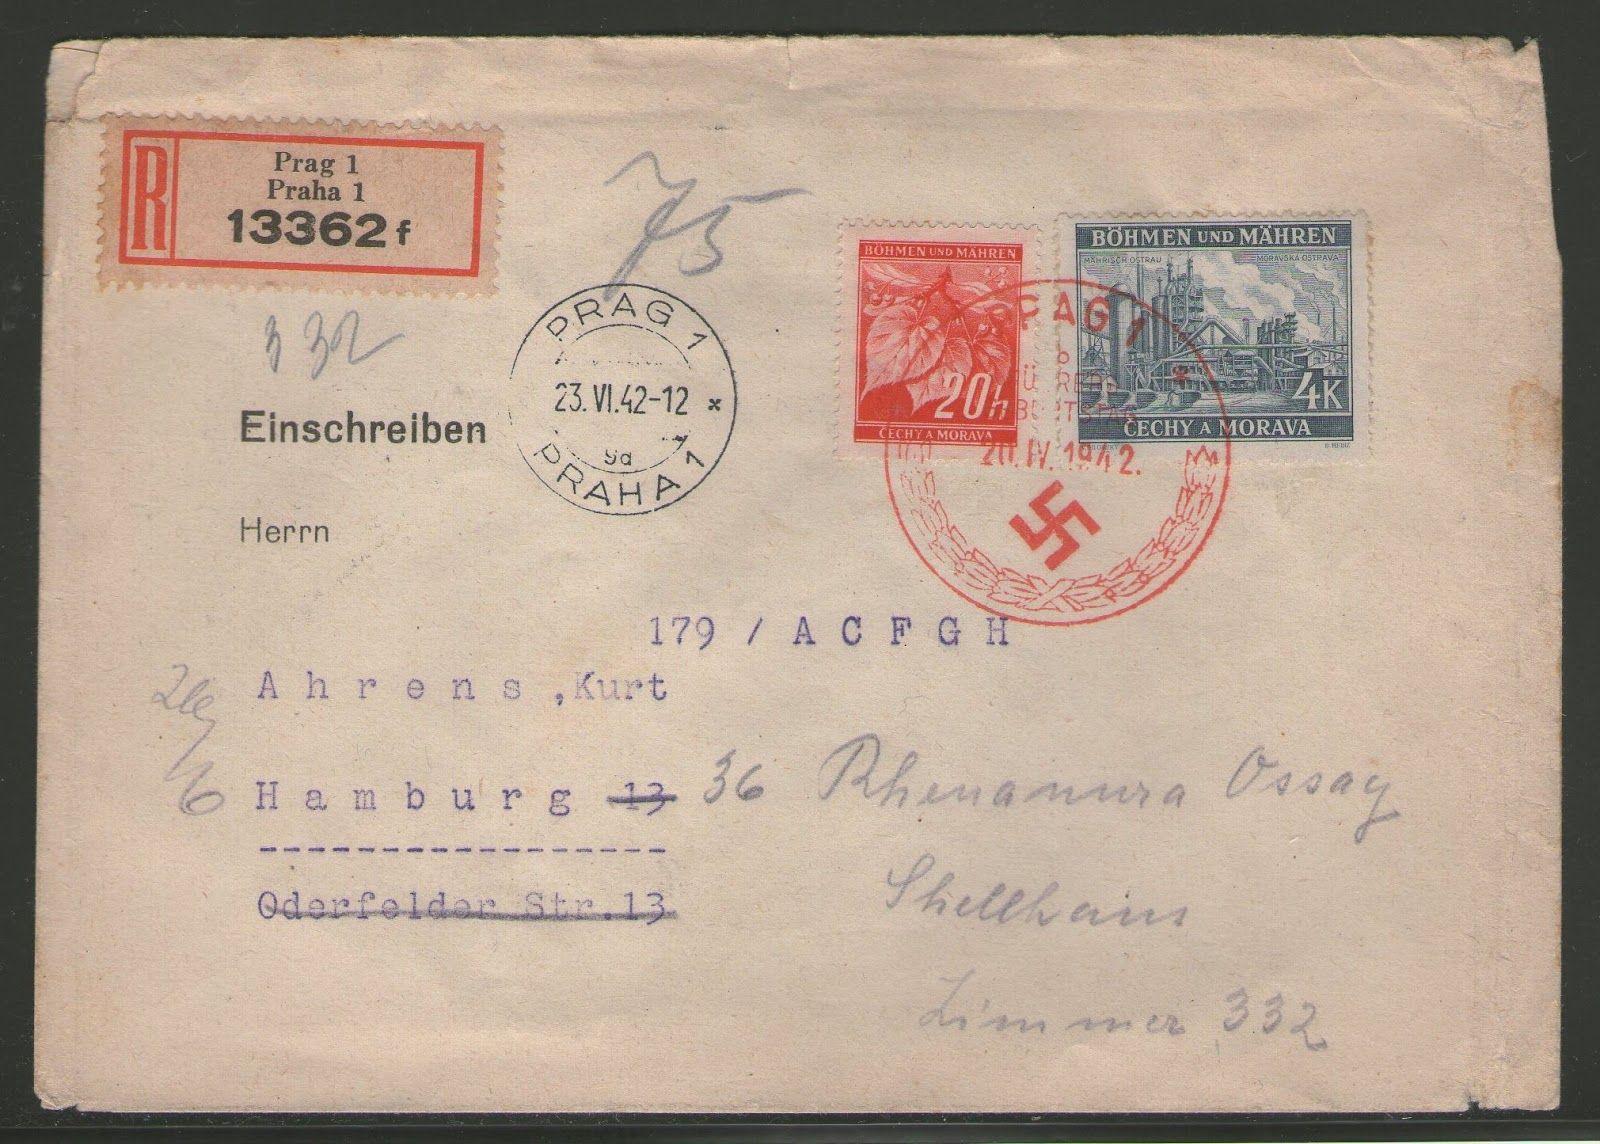 Minha coleção de selos postais